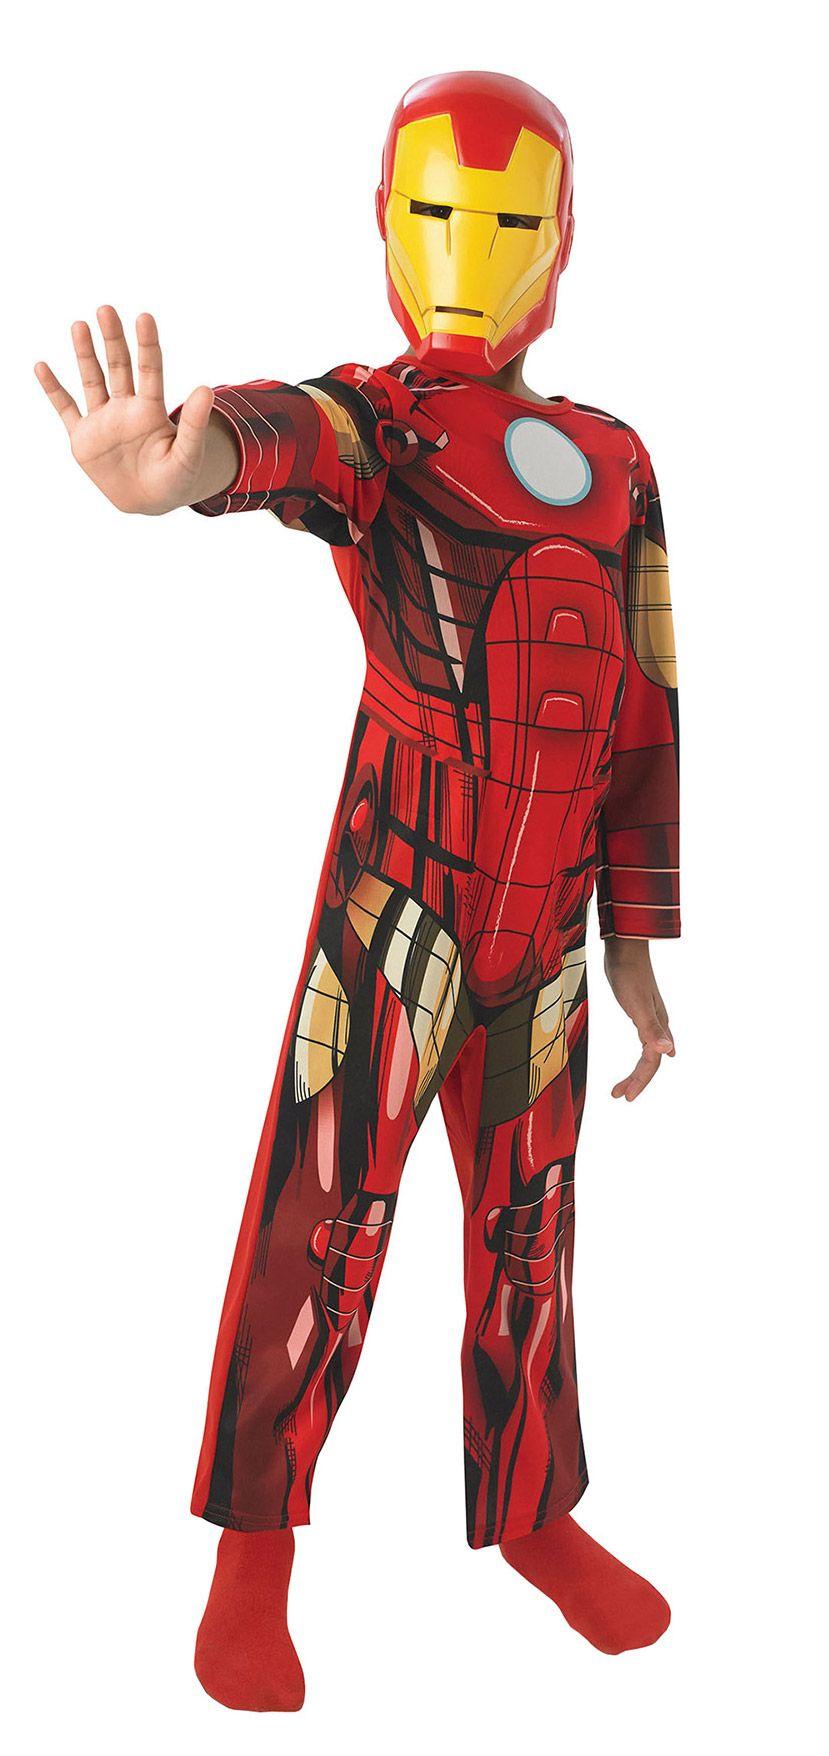 Avengers Iron Man Overall Kinderkostum Lizenzware Rot Gold Deguisement Iron Man Iron Man Deguisement